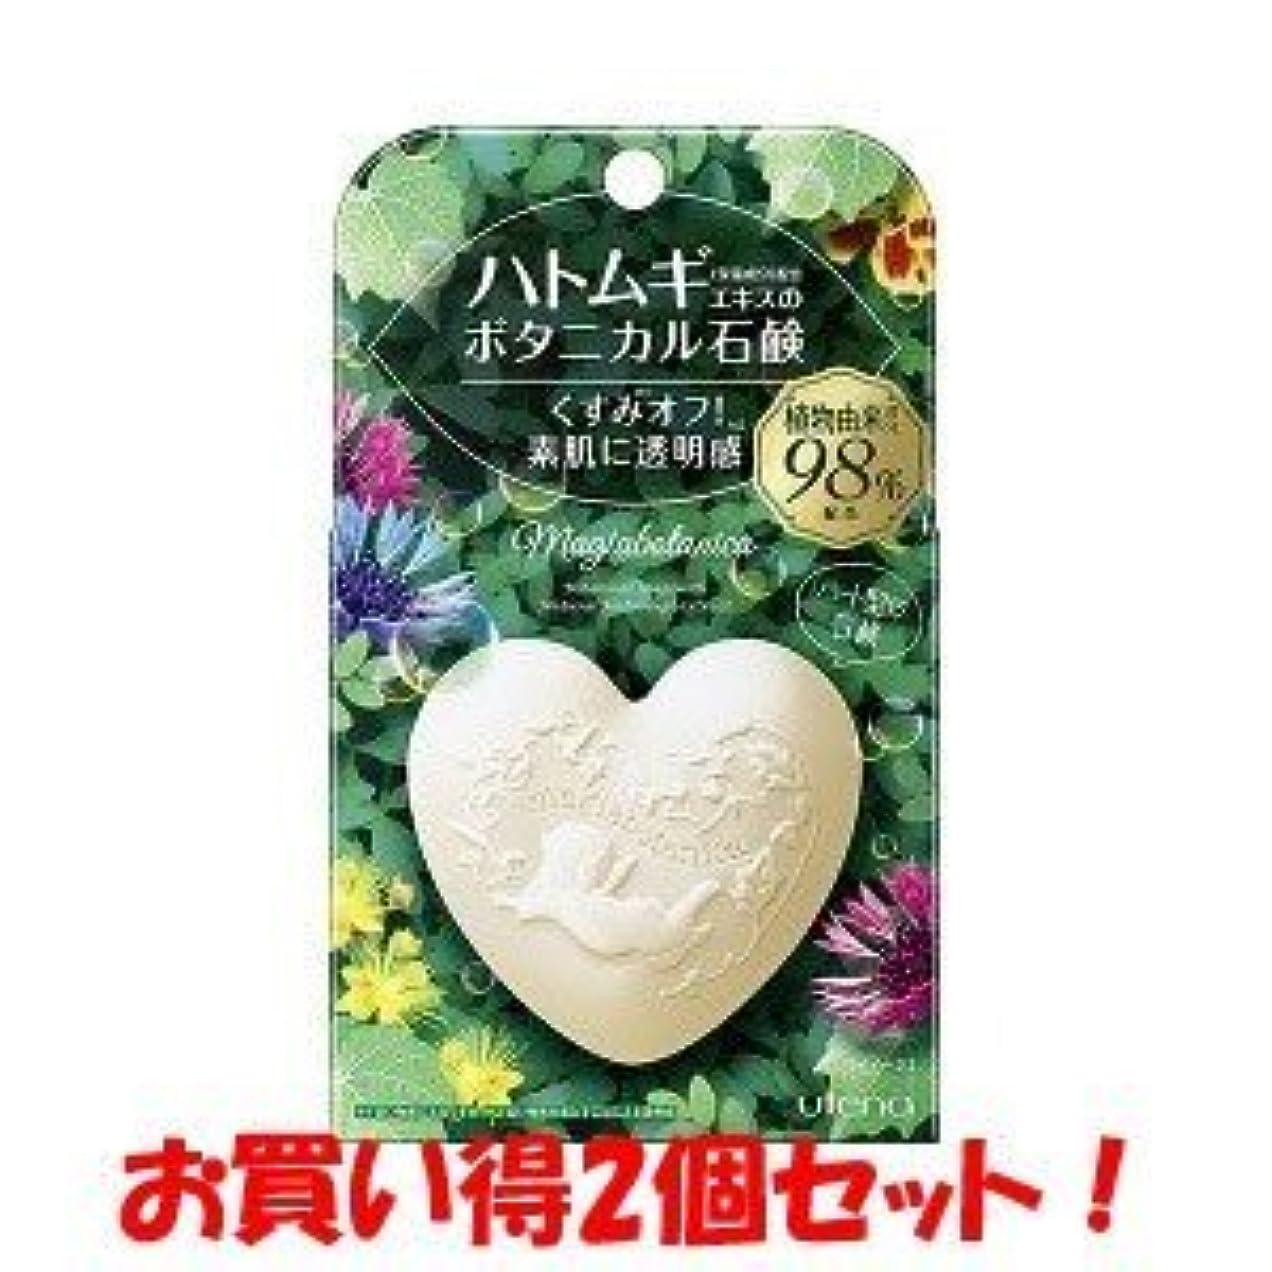 次へ一過性フレア(ウテナ)マジアボタニカ ボタニカル石鹸 100g(お買い得2個セット)